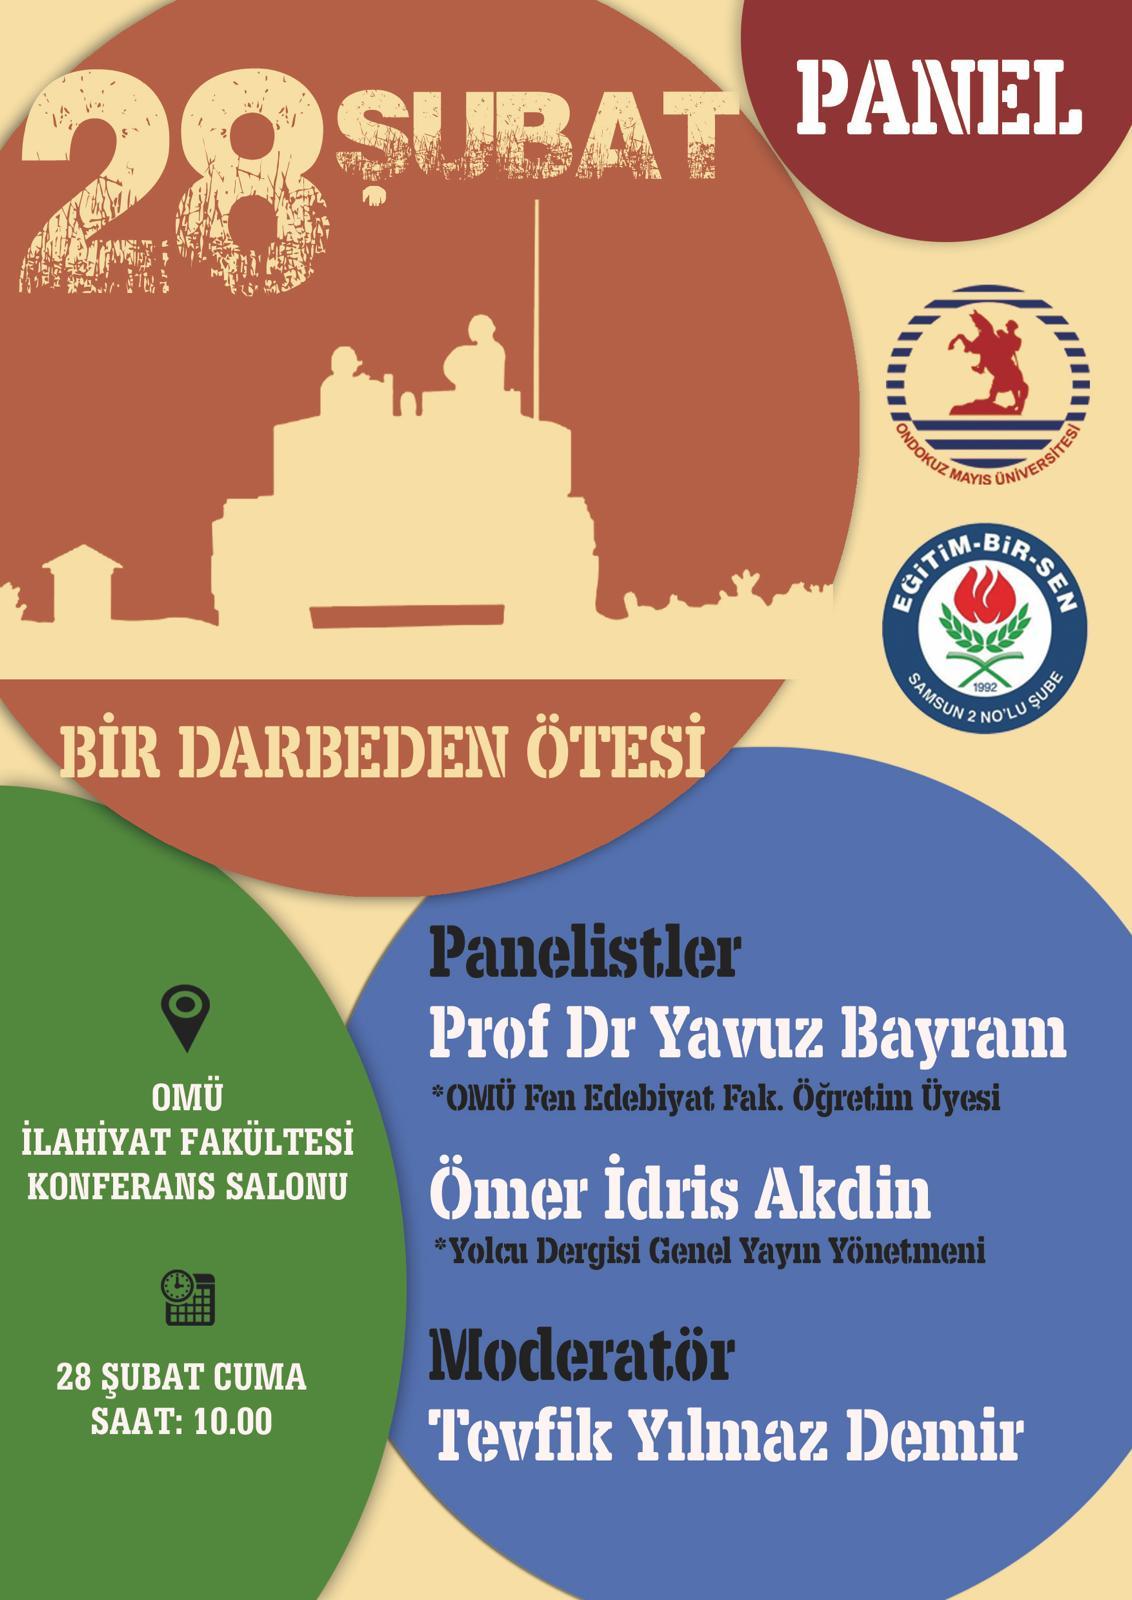 https://www.omu.edu.tr/sites/default/files/omu_28_subat_bir_darbeden_otesi.jpeg